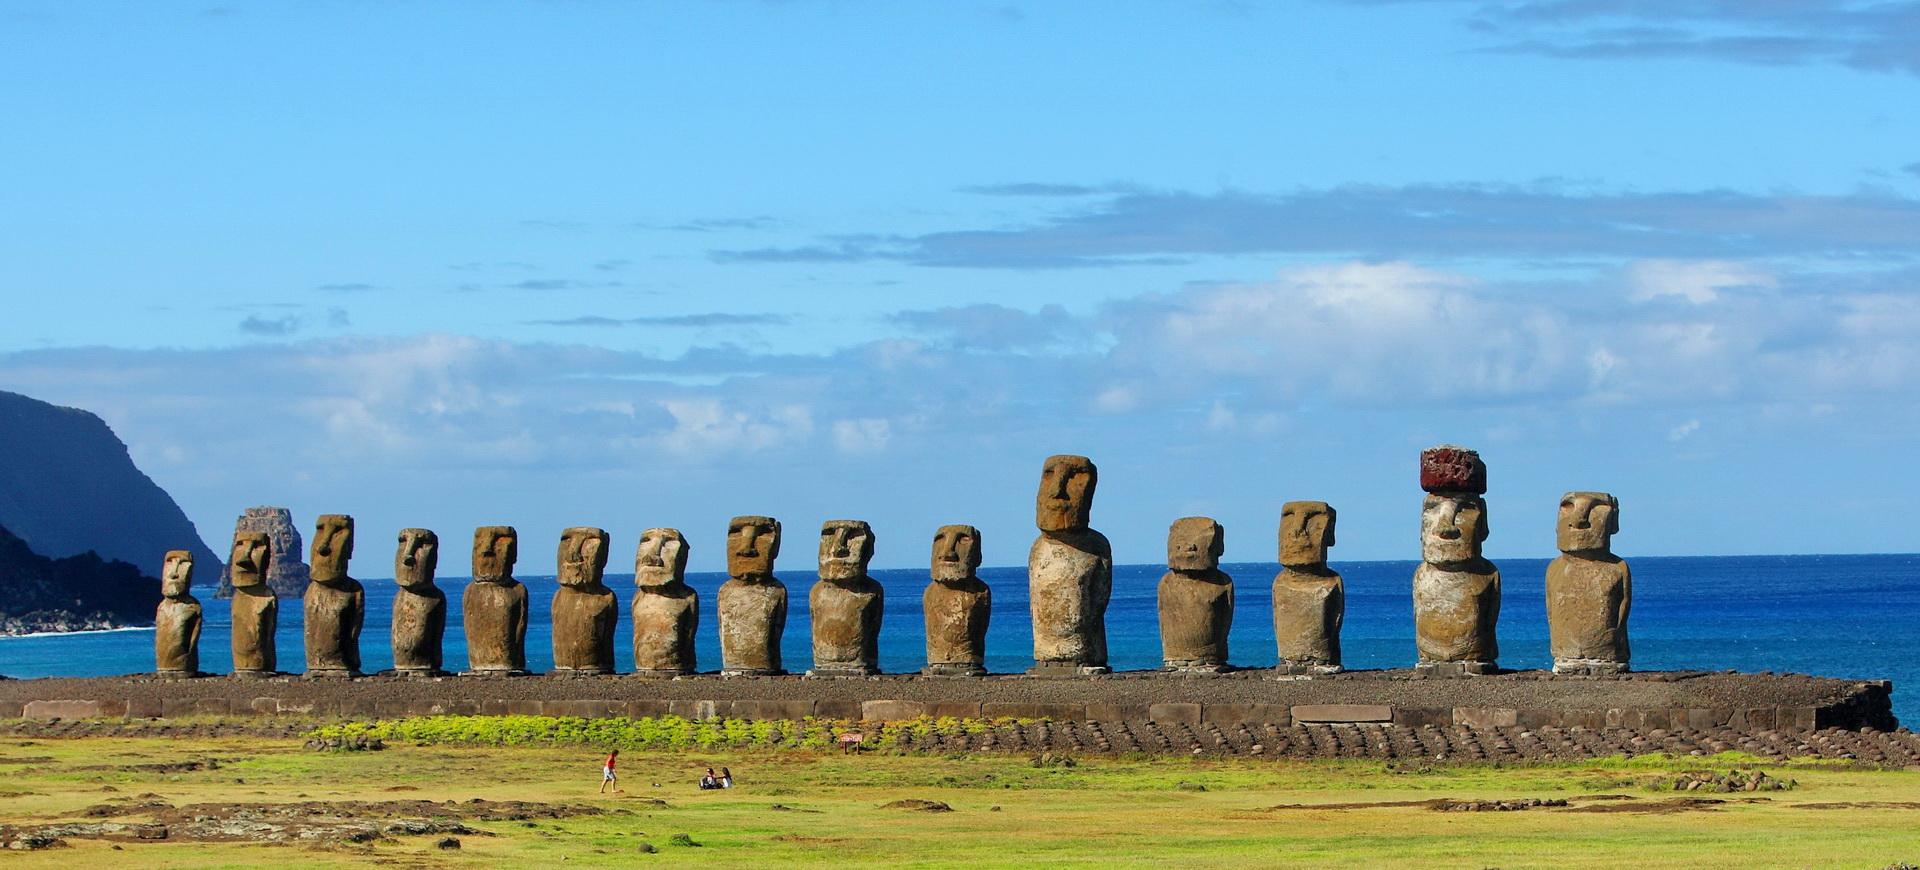 Formalités visa Chili et île de Pâques